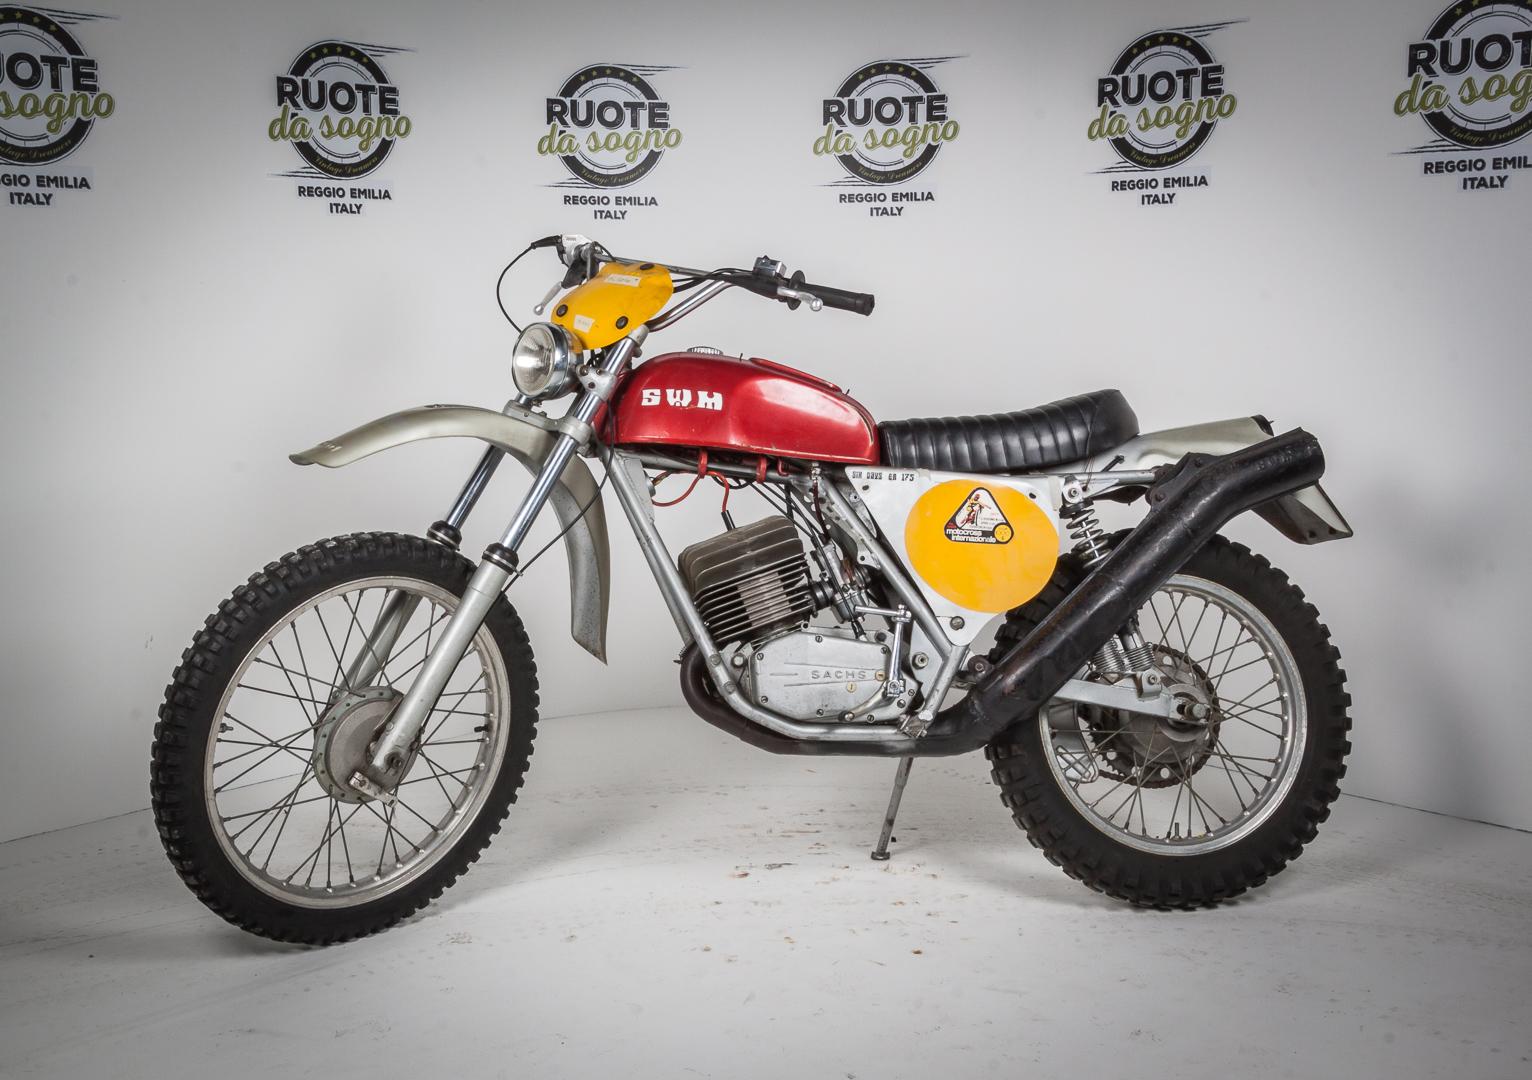 Subito Impresa+ - team df - Gori 125 sachs 7v 1976 - Moto